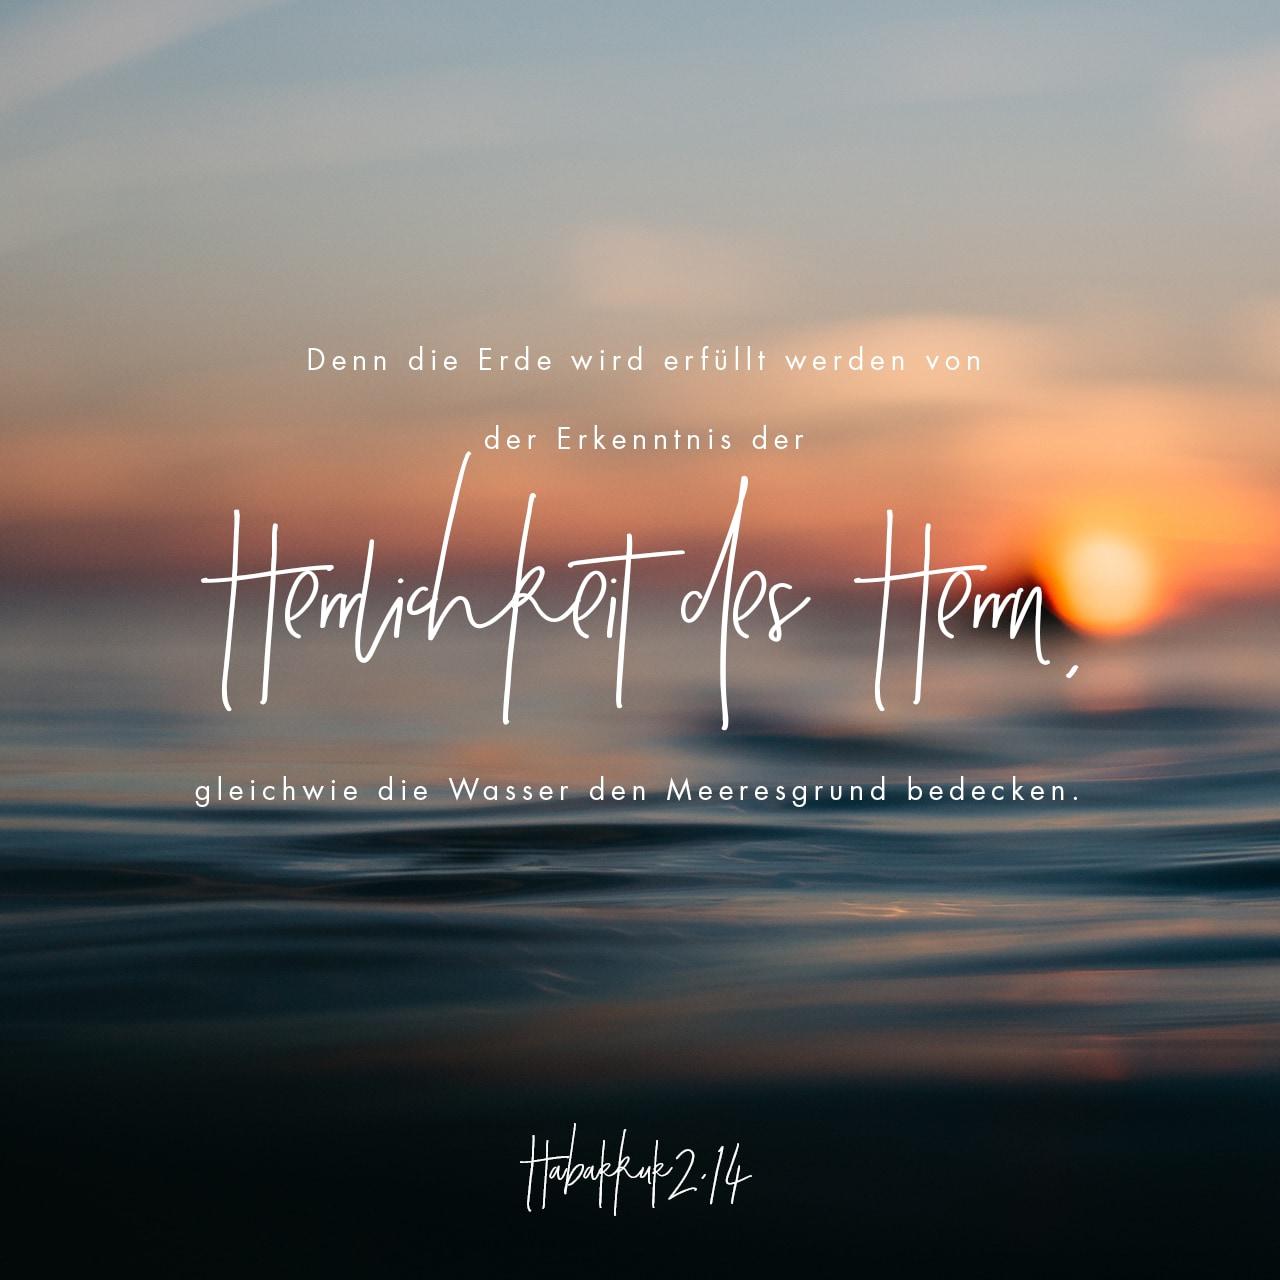 Versbild für Habakuk 2,14